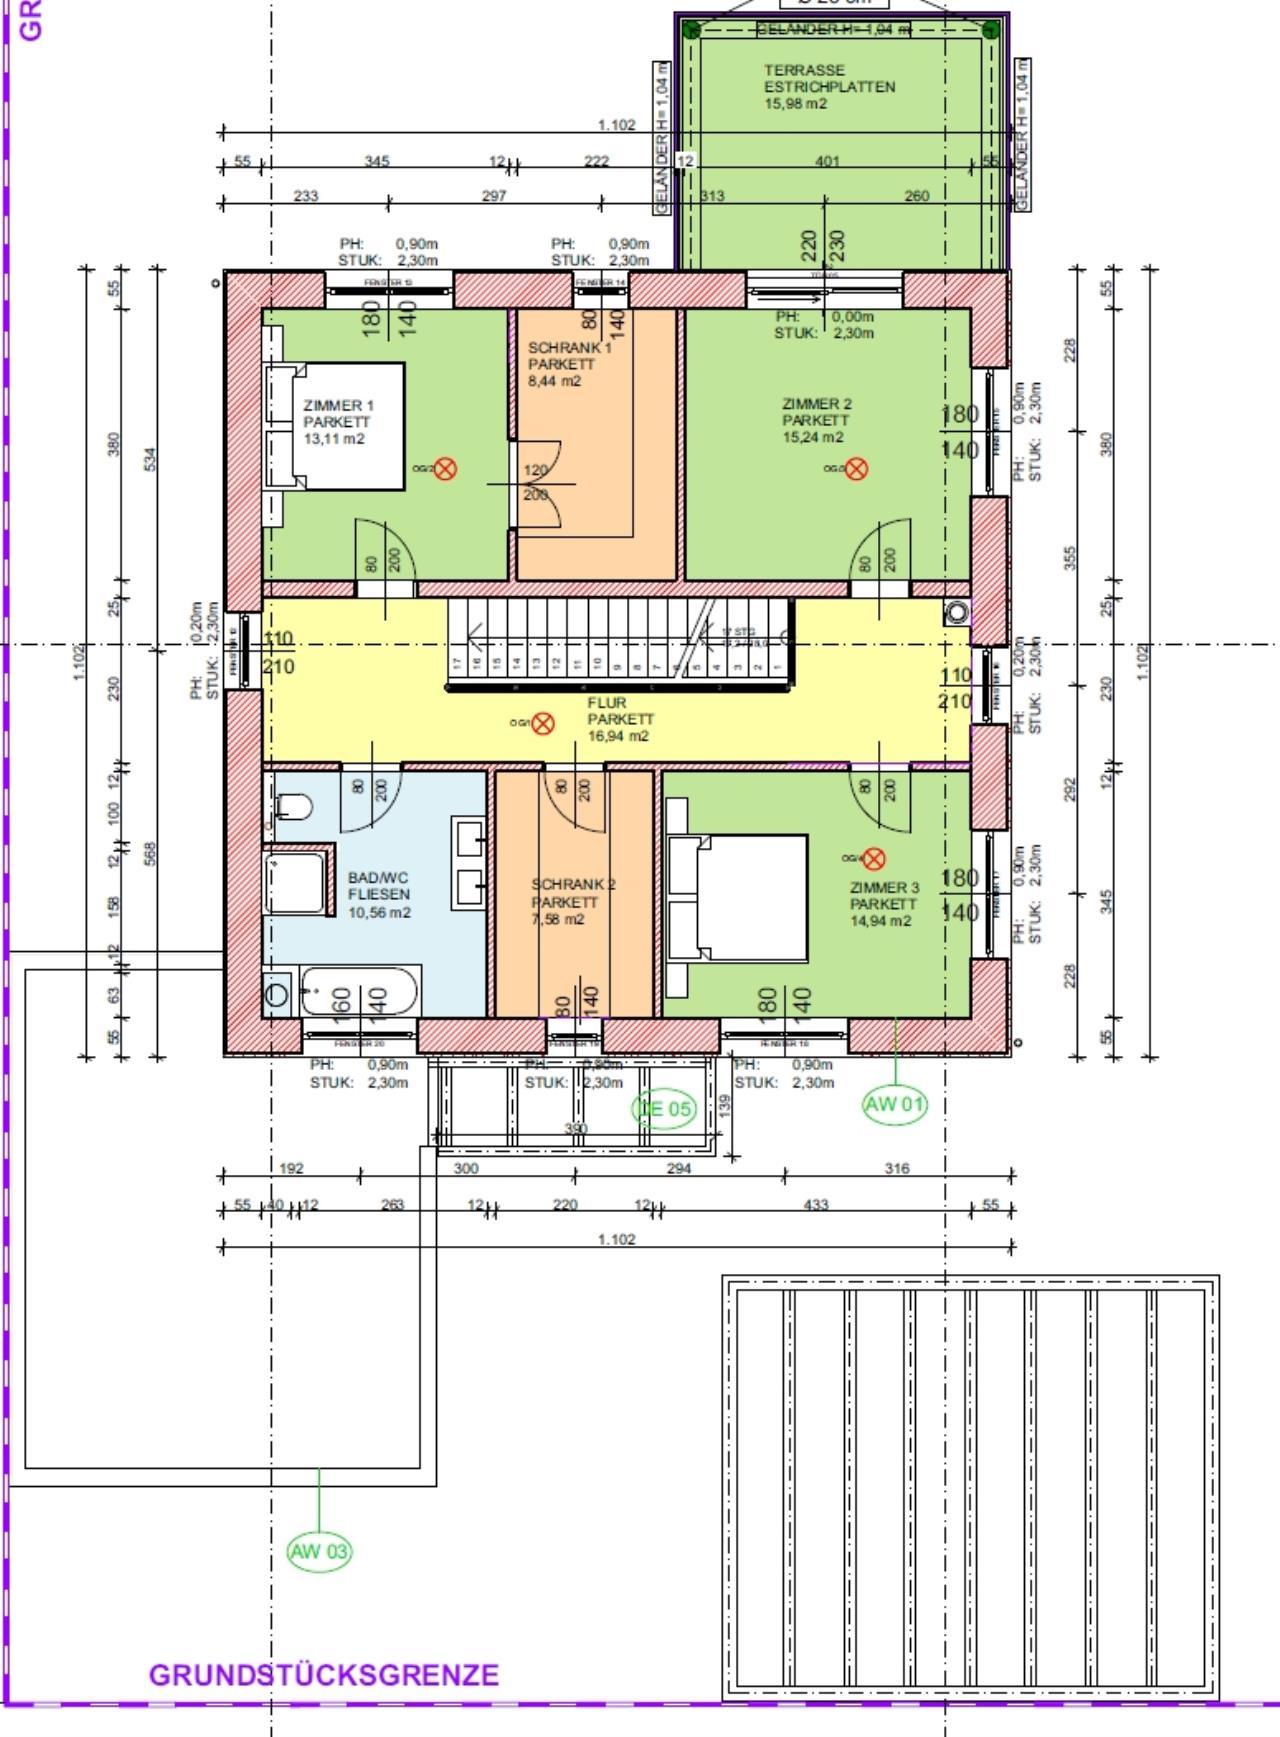 Angebot zu EFH mit 50er Ziegel und Nebengebäude | Bauforum auf ...